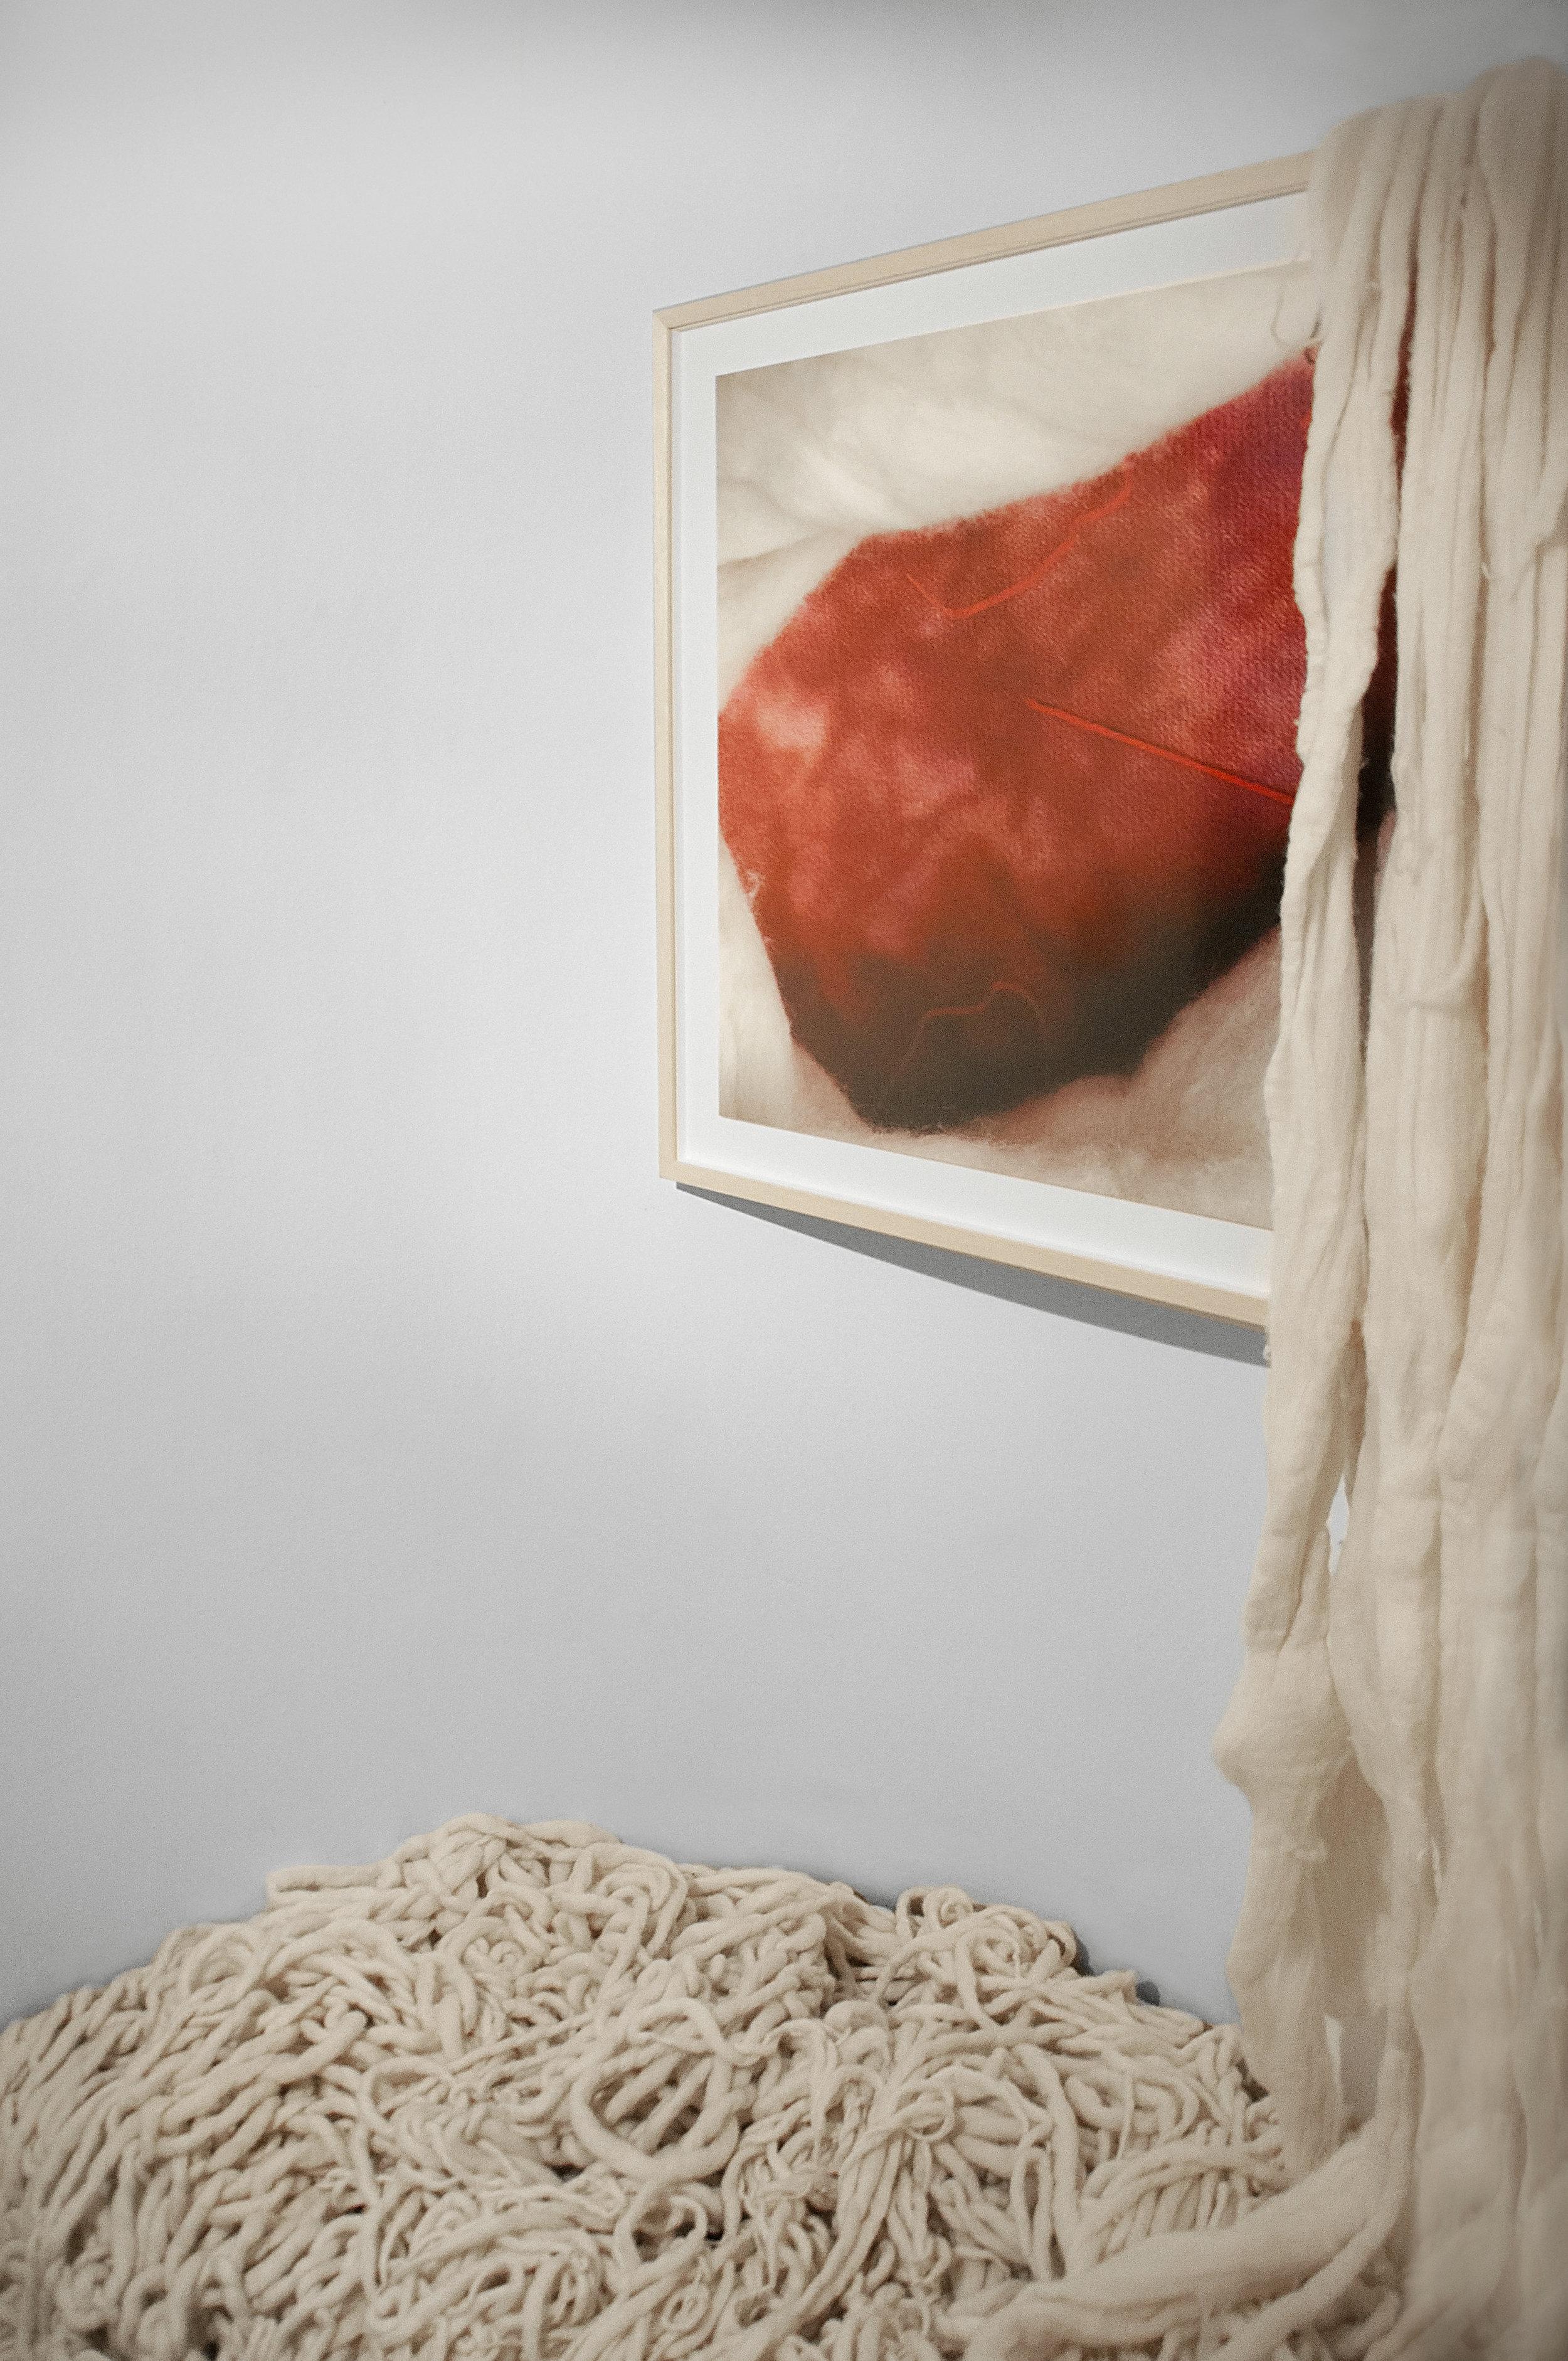 Instalação de Arte Ninho - Ana Biolchini - Brasil